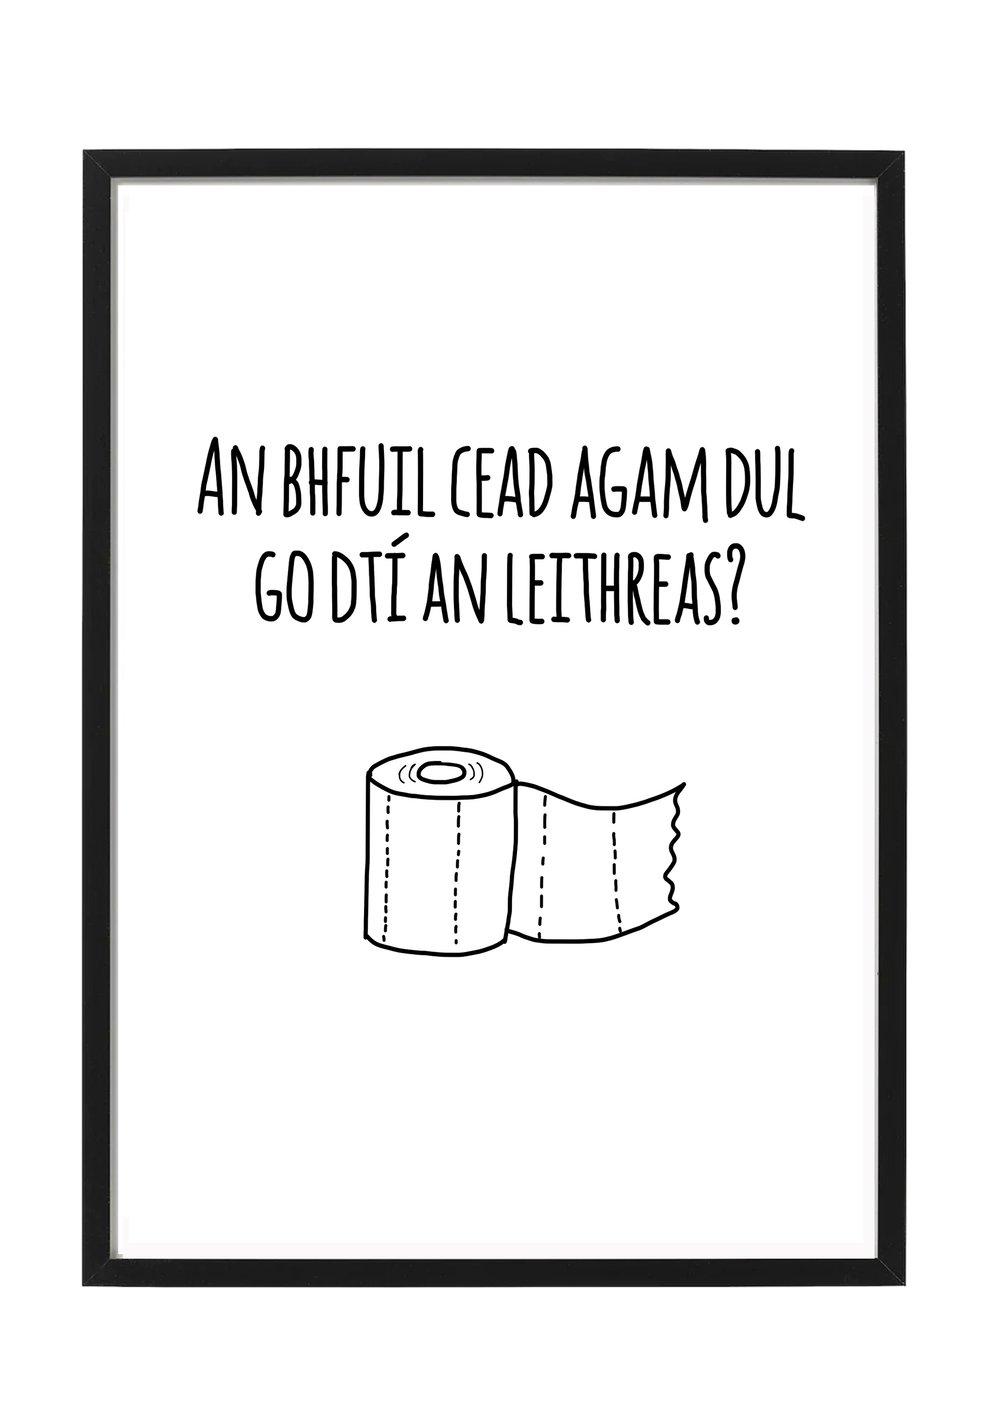 Leithreas